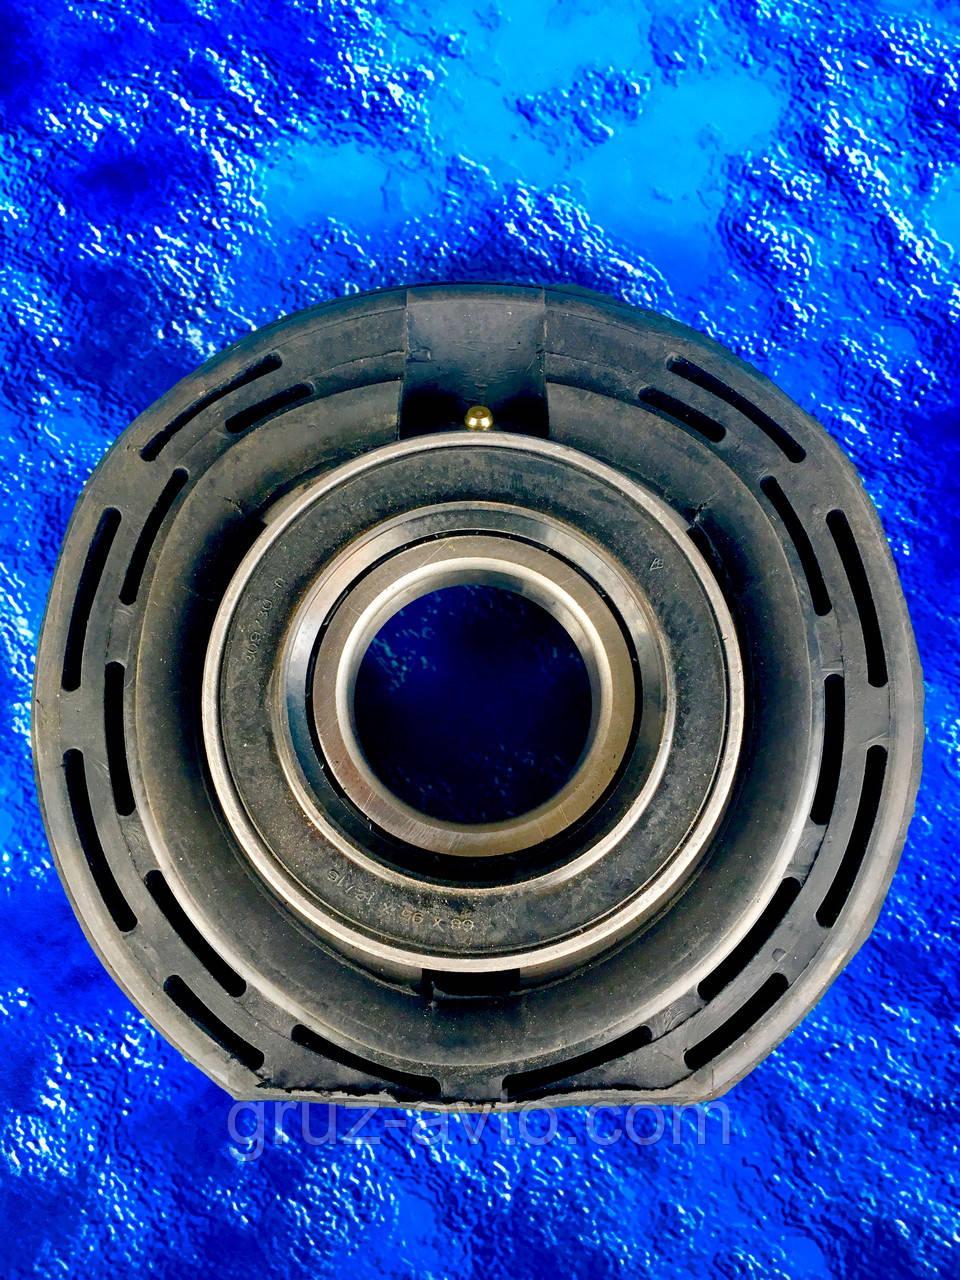 Опора промежуточная карданного вала (подвесной подшипник) ЗИЛ-133ГЯ